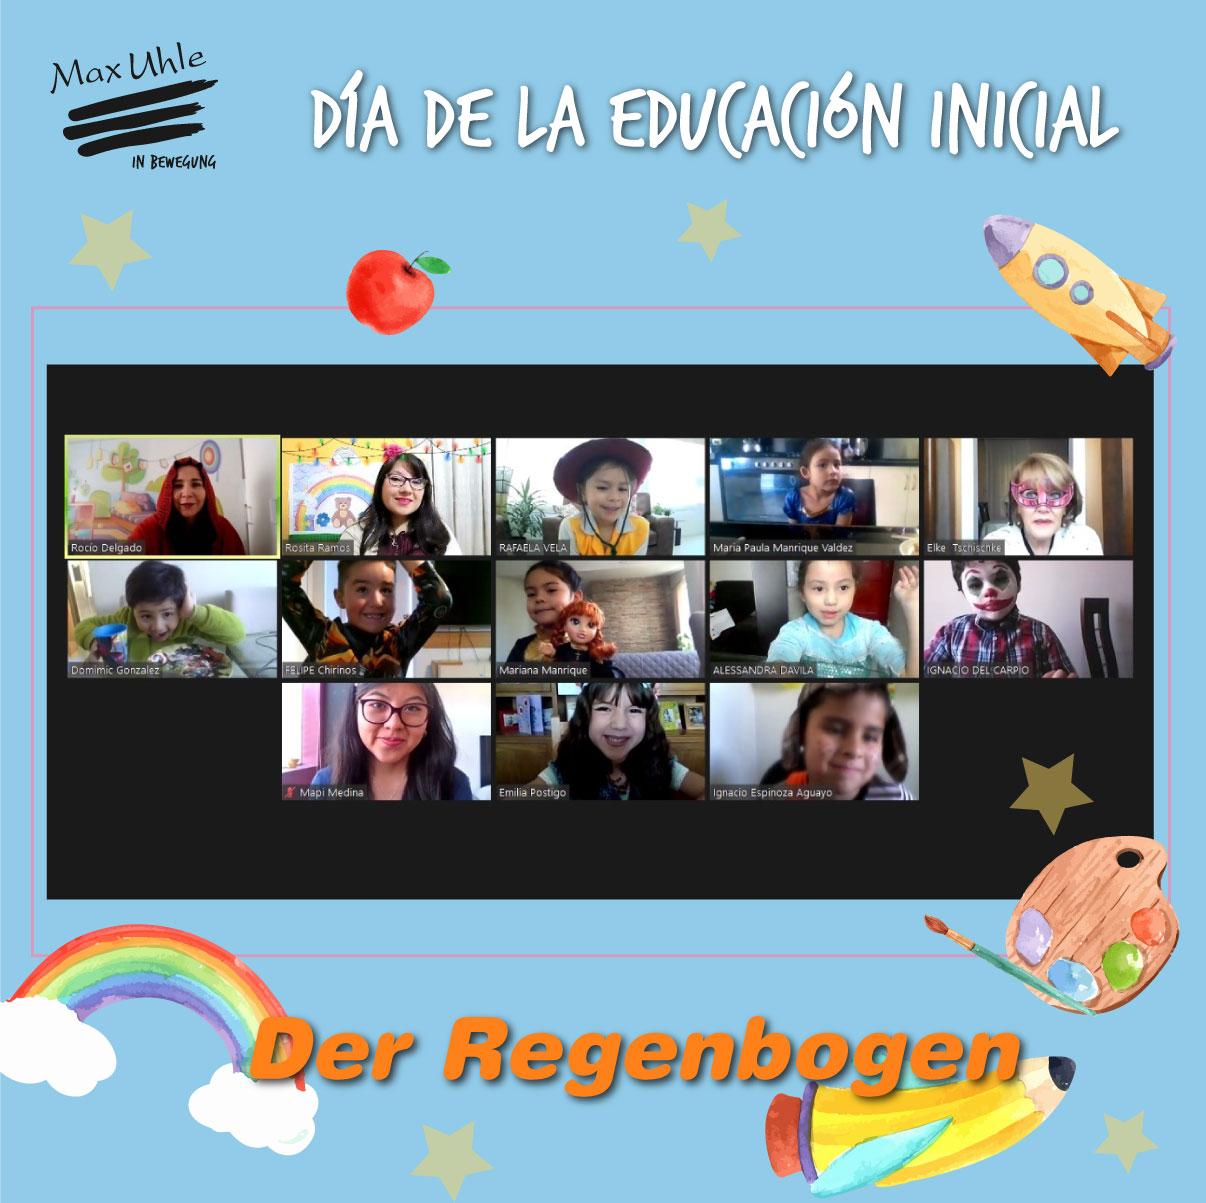 Das Regenbogen 2 Día de la Educación Inicial